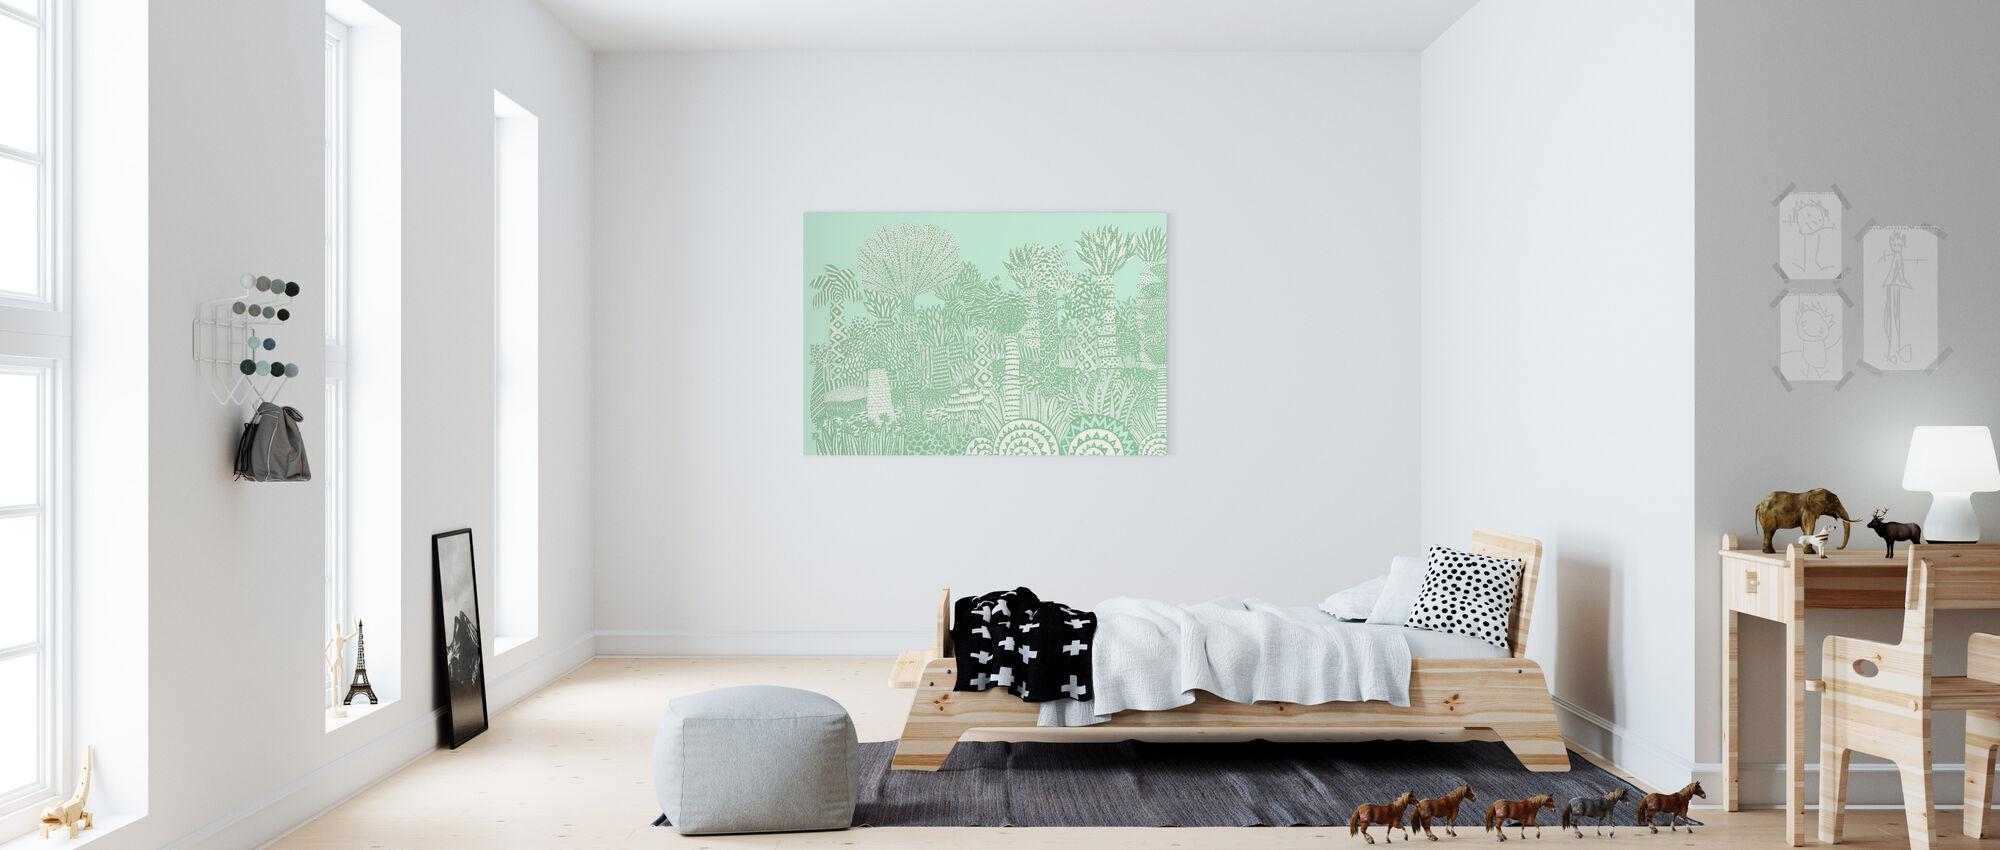 Viidakko Vihreä - Canvastaulu - Lastenhuone